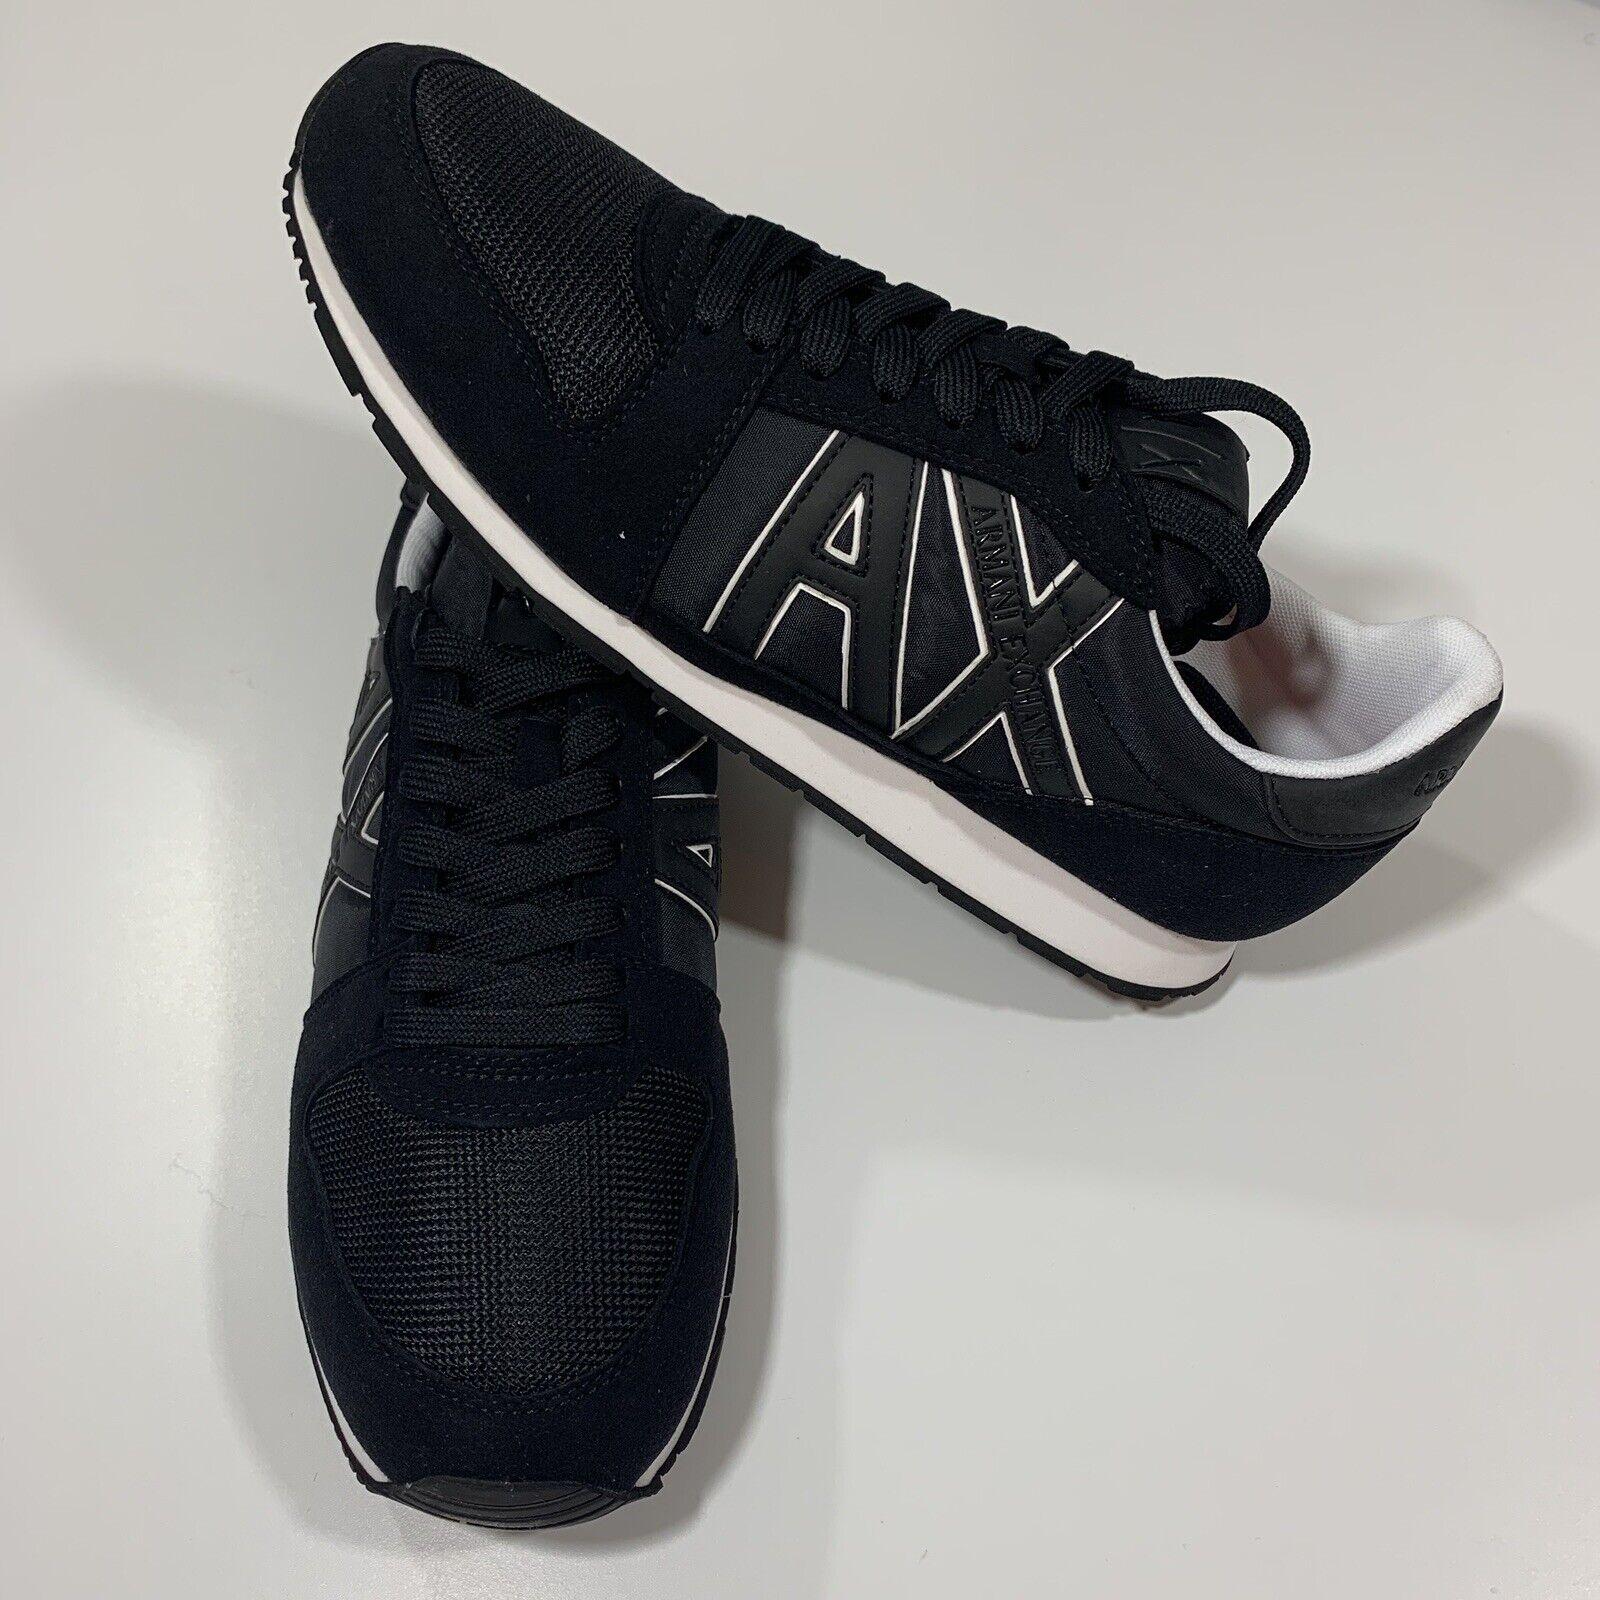 ARMANI EXCHANGE A X LOGO Mens Retro Low Top Trainers scarpe da ginnastica (Dimensione 11 ) nero